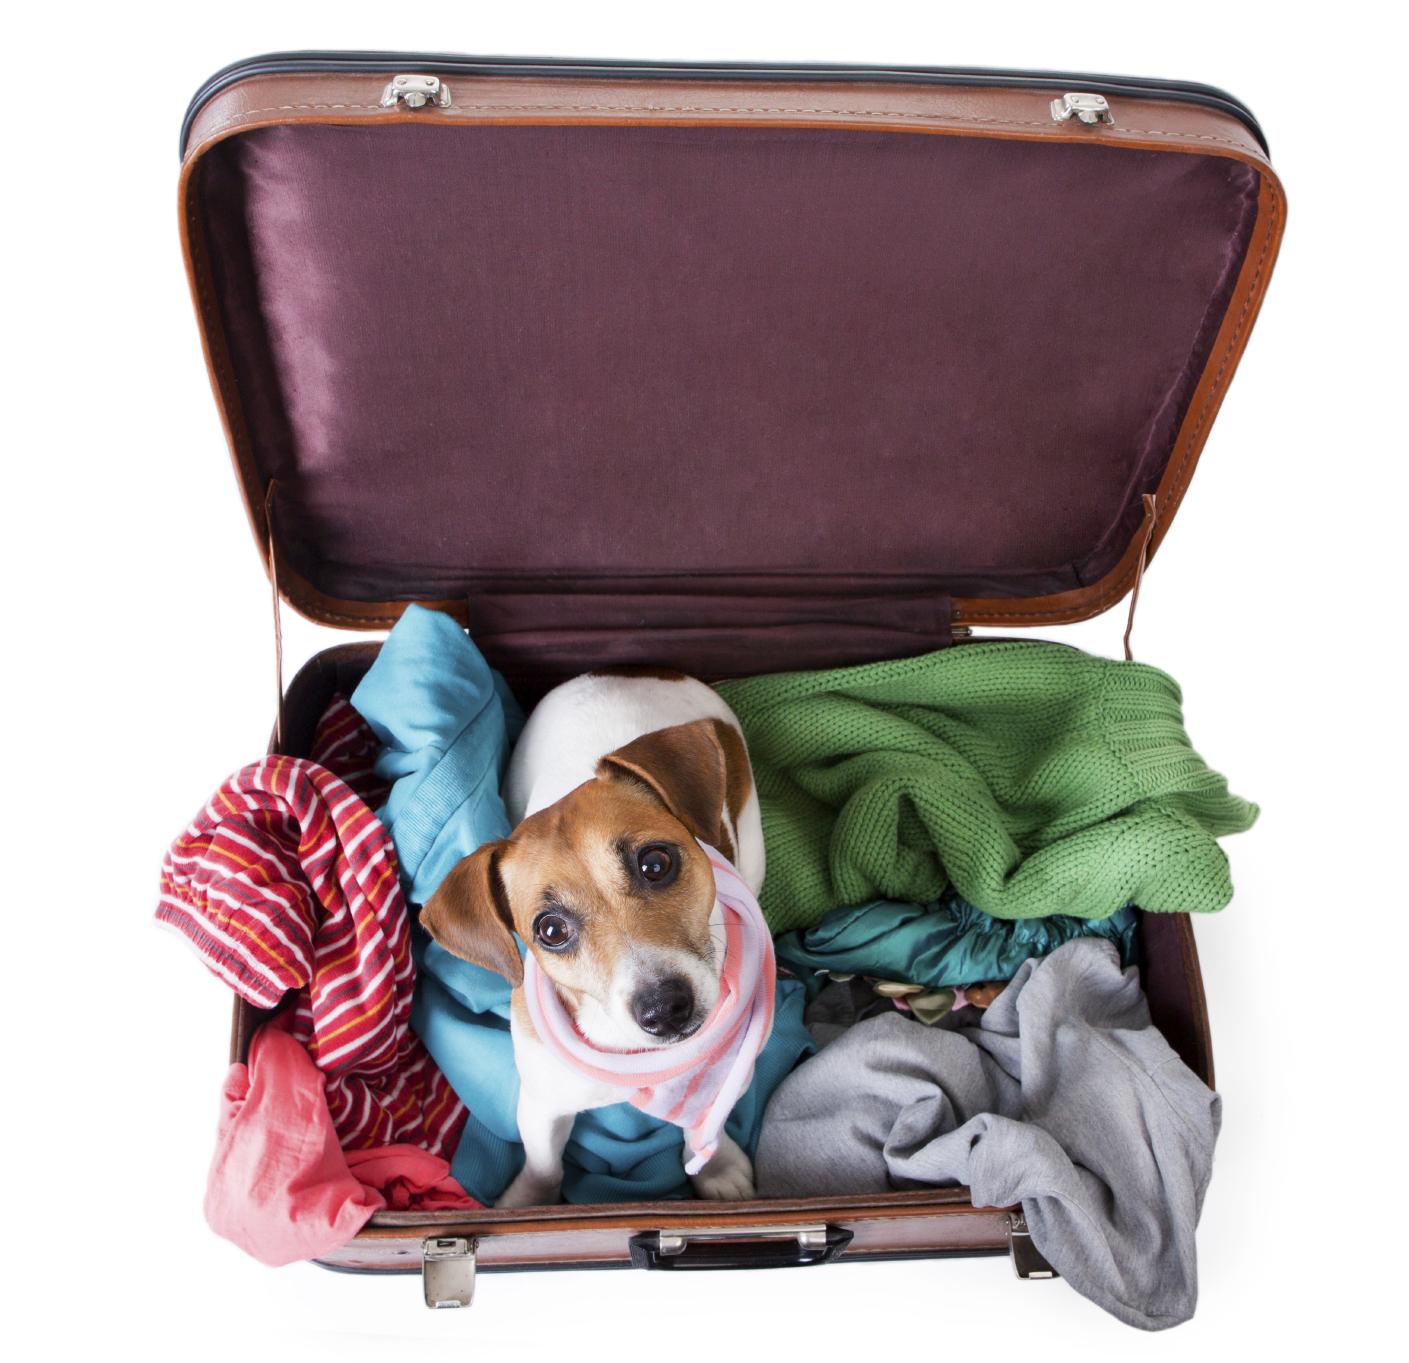 Hund in Koffer